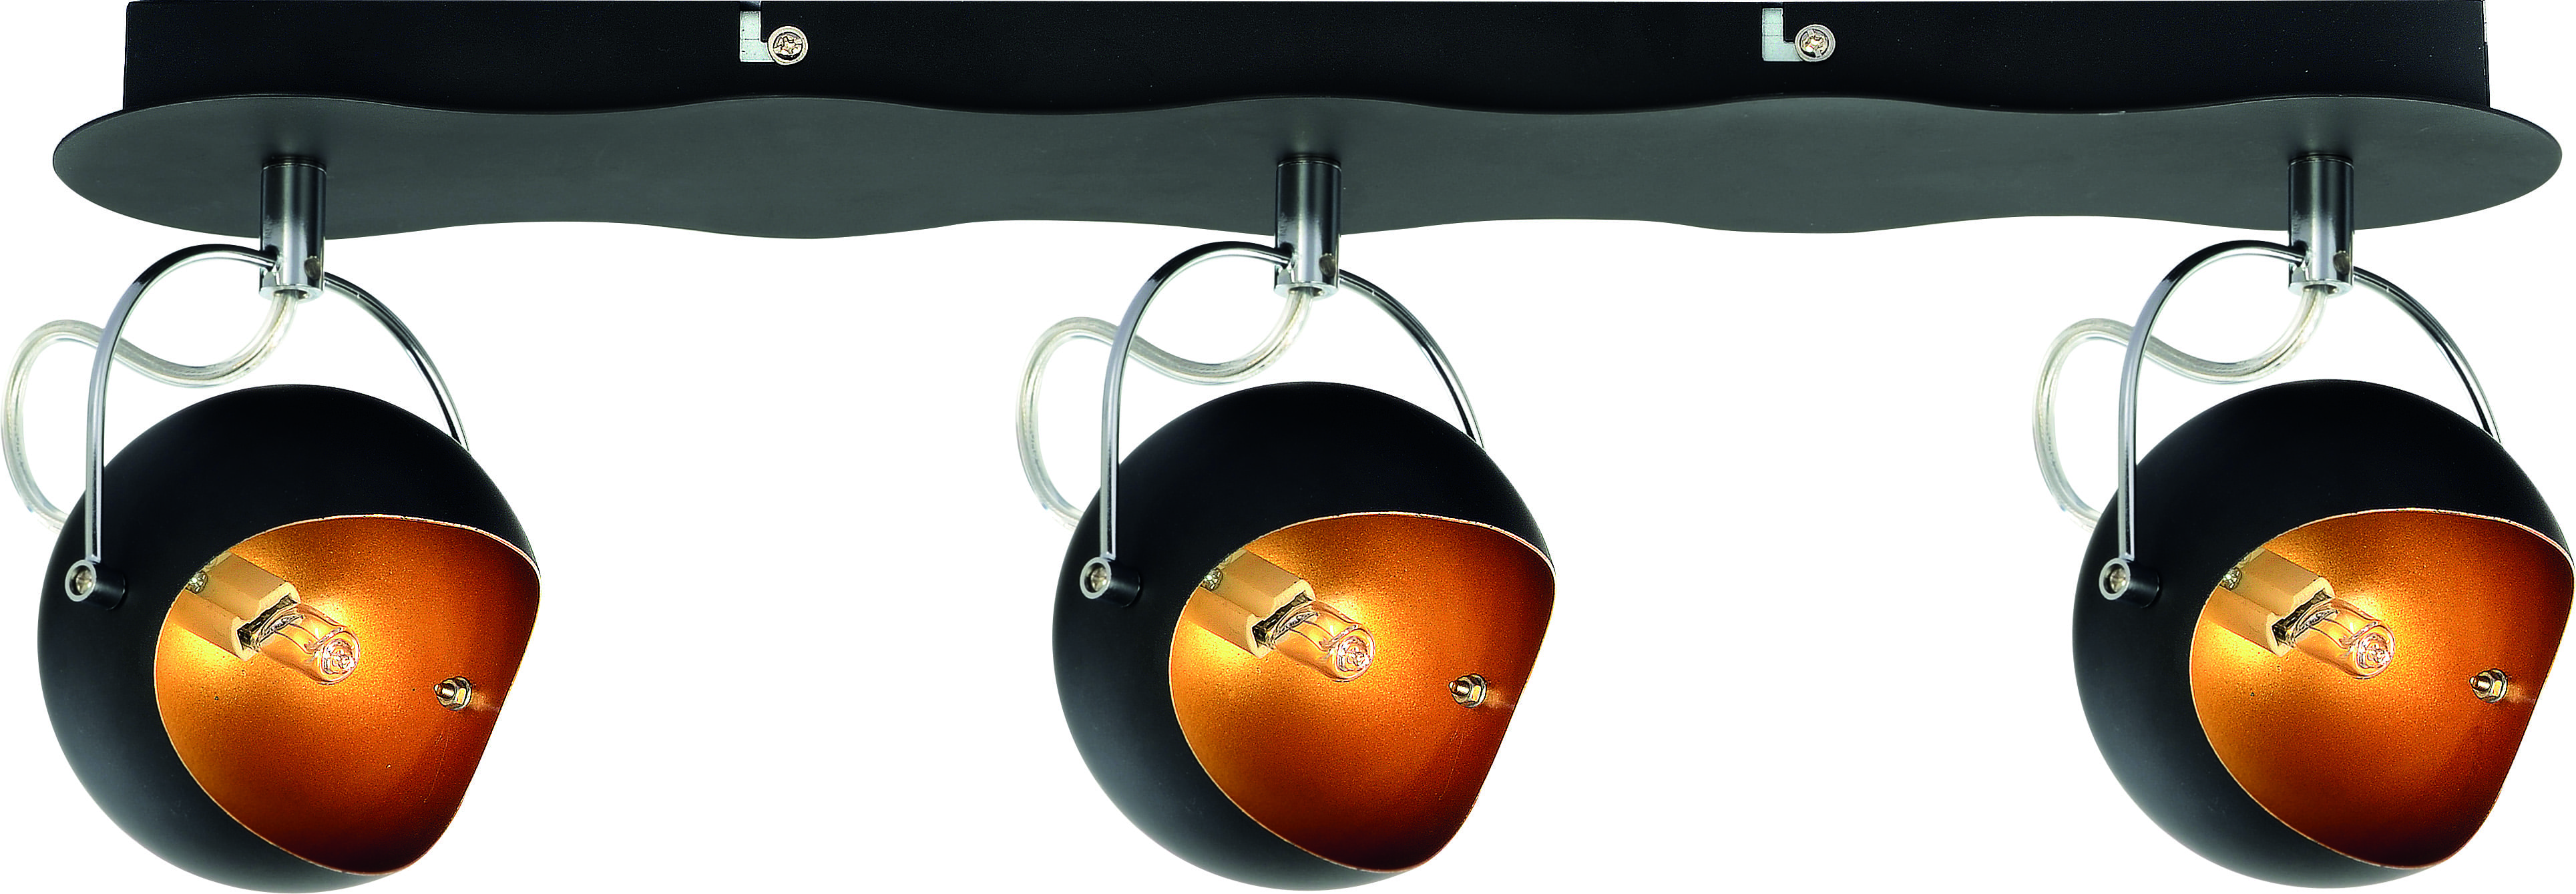 Czarne Reflektorki ze złotym środkiem G9 28W